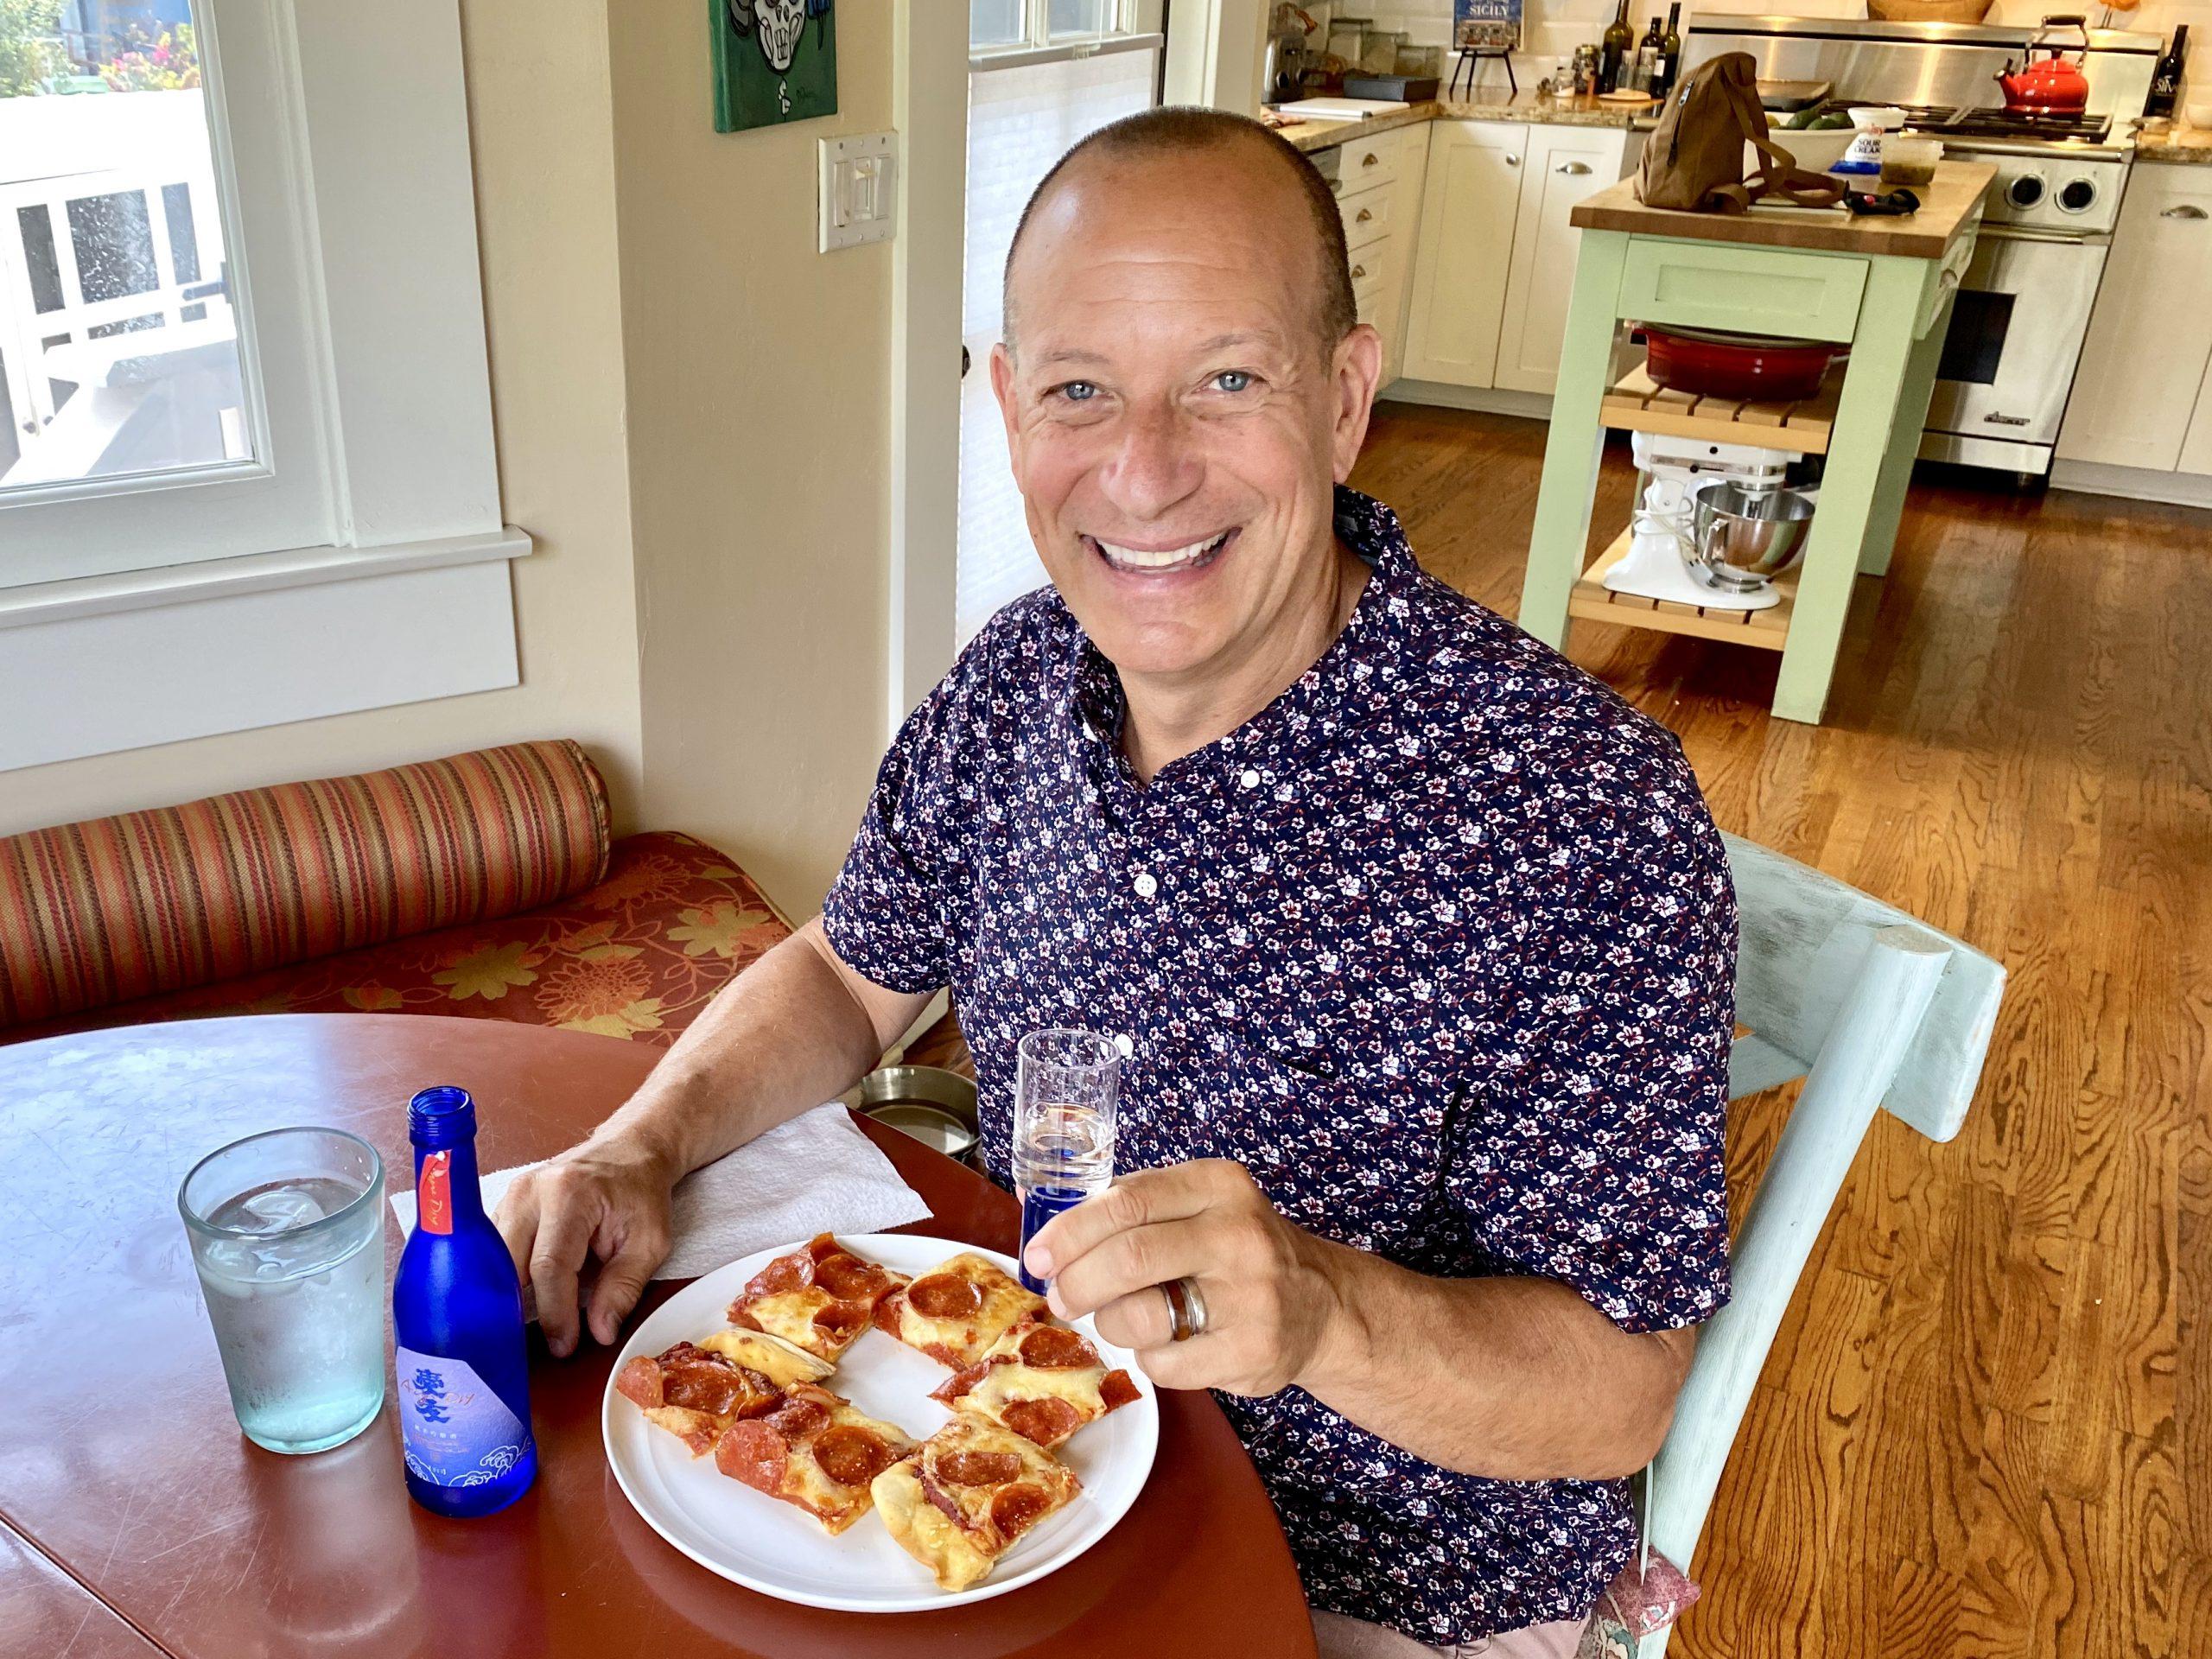 Man enjoying sake with pepperoni pizza